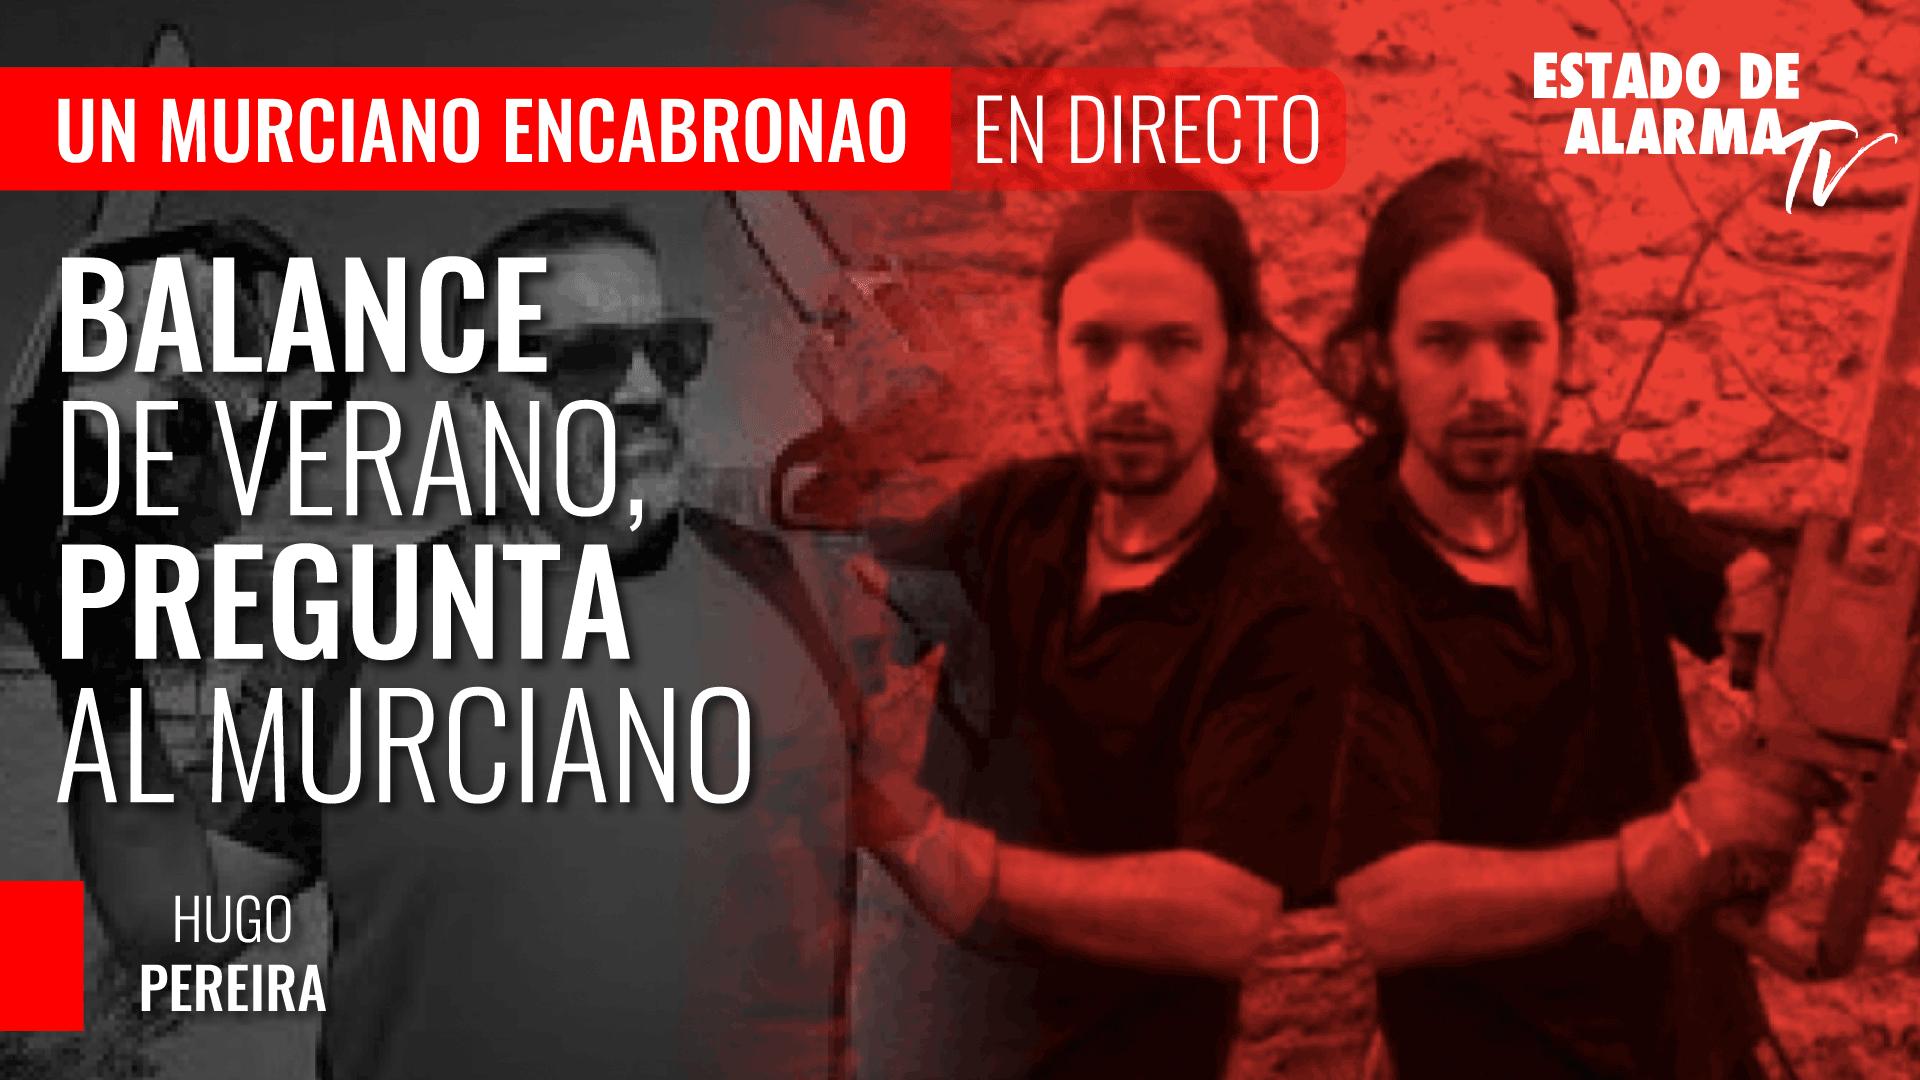 Imagen del video: Un Murciano Encabronao; Balance de verano, pregunta al Murciano; con Hugo Pereira